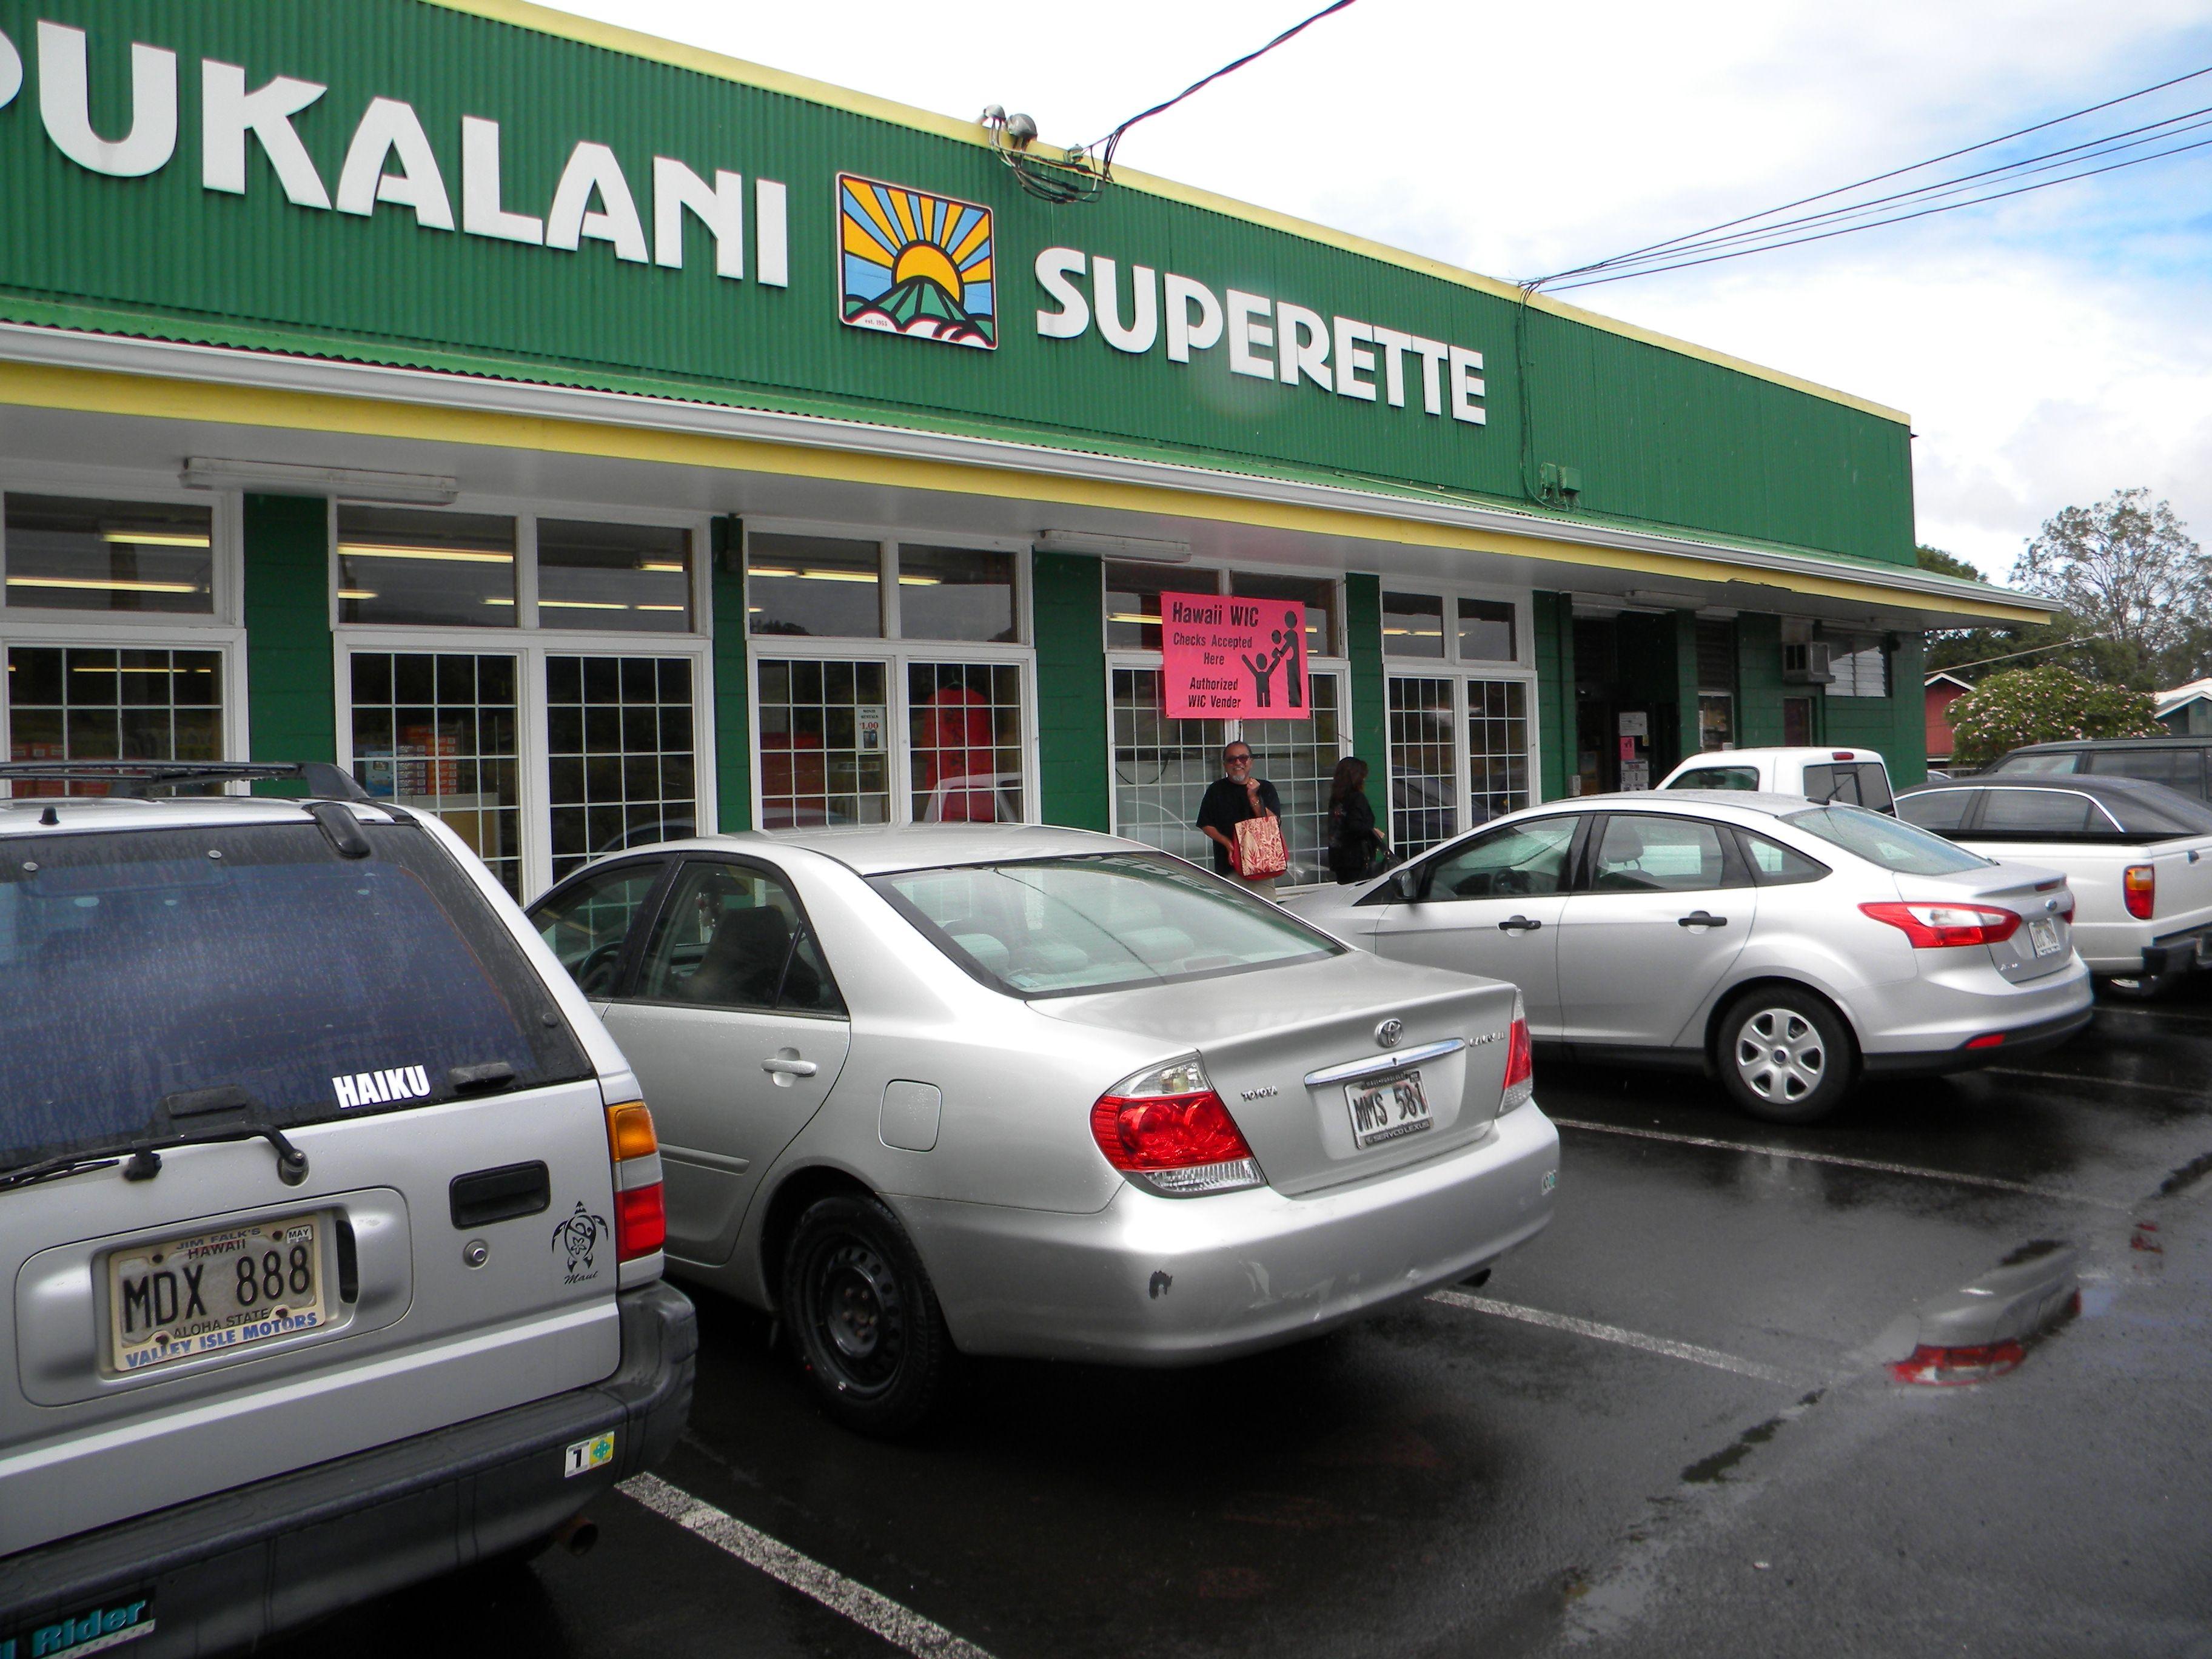 Pukalani Superette (With images) Kauai hawaii, Maui, Kauai